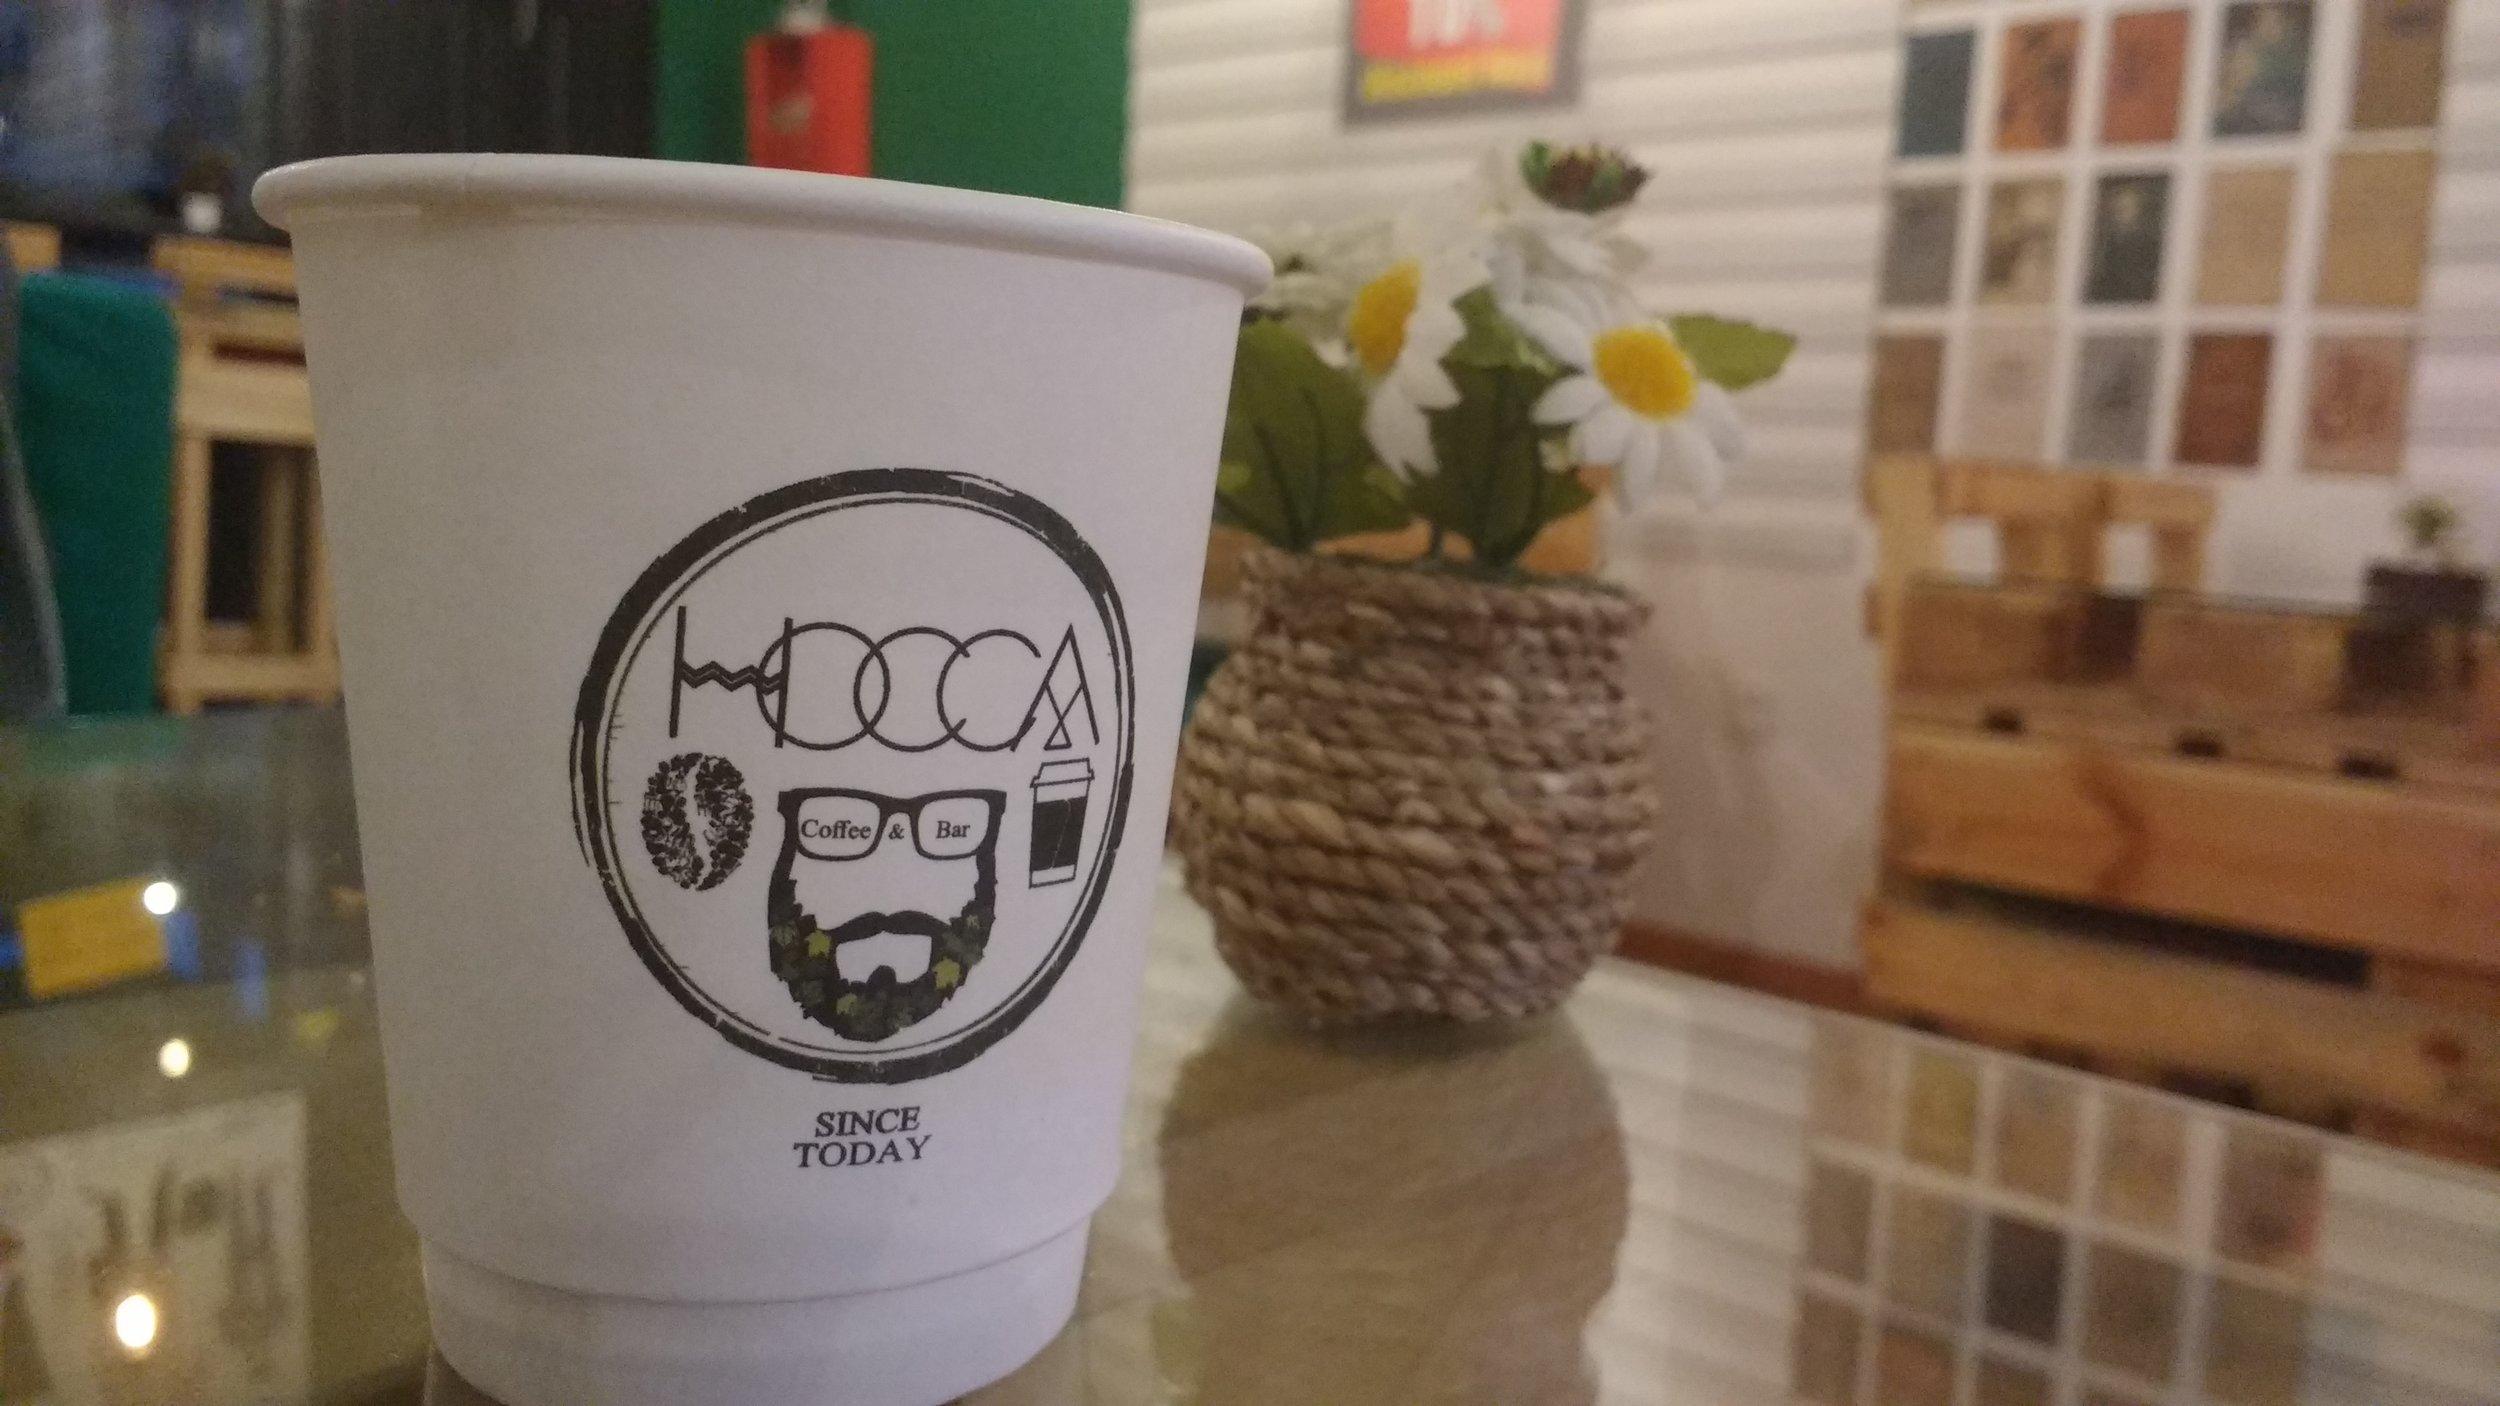 Hocca cafe Baku